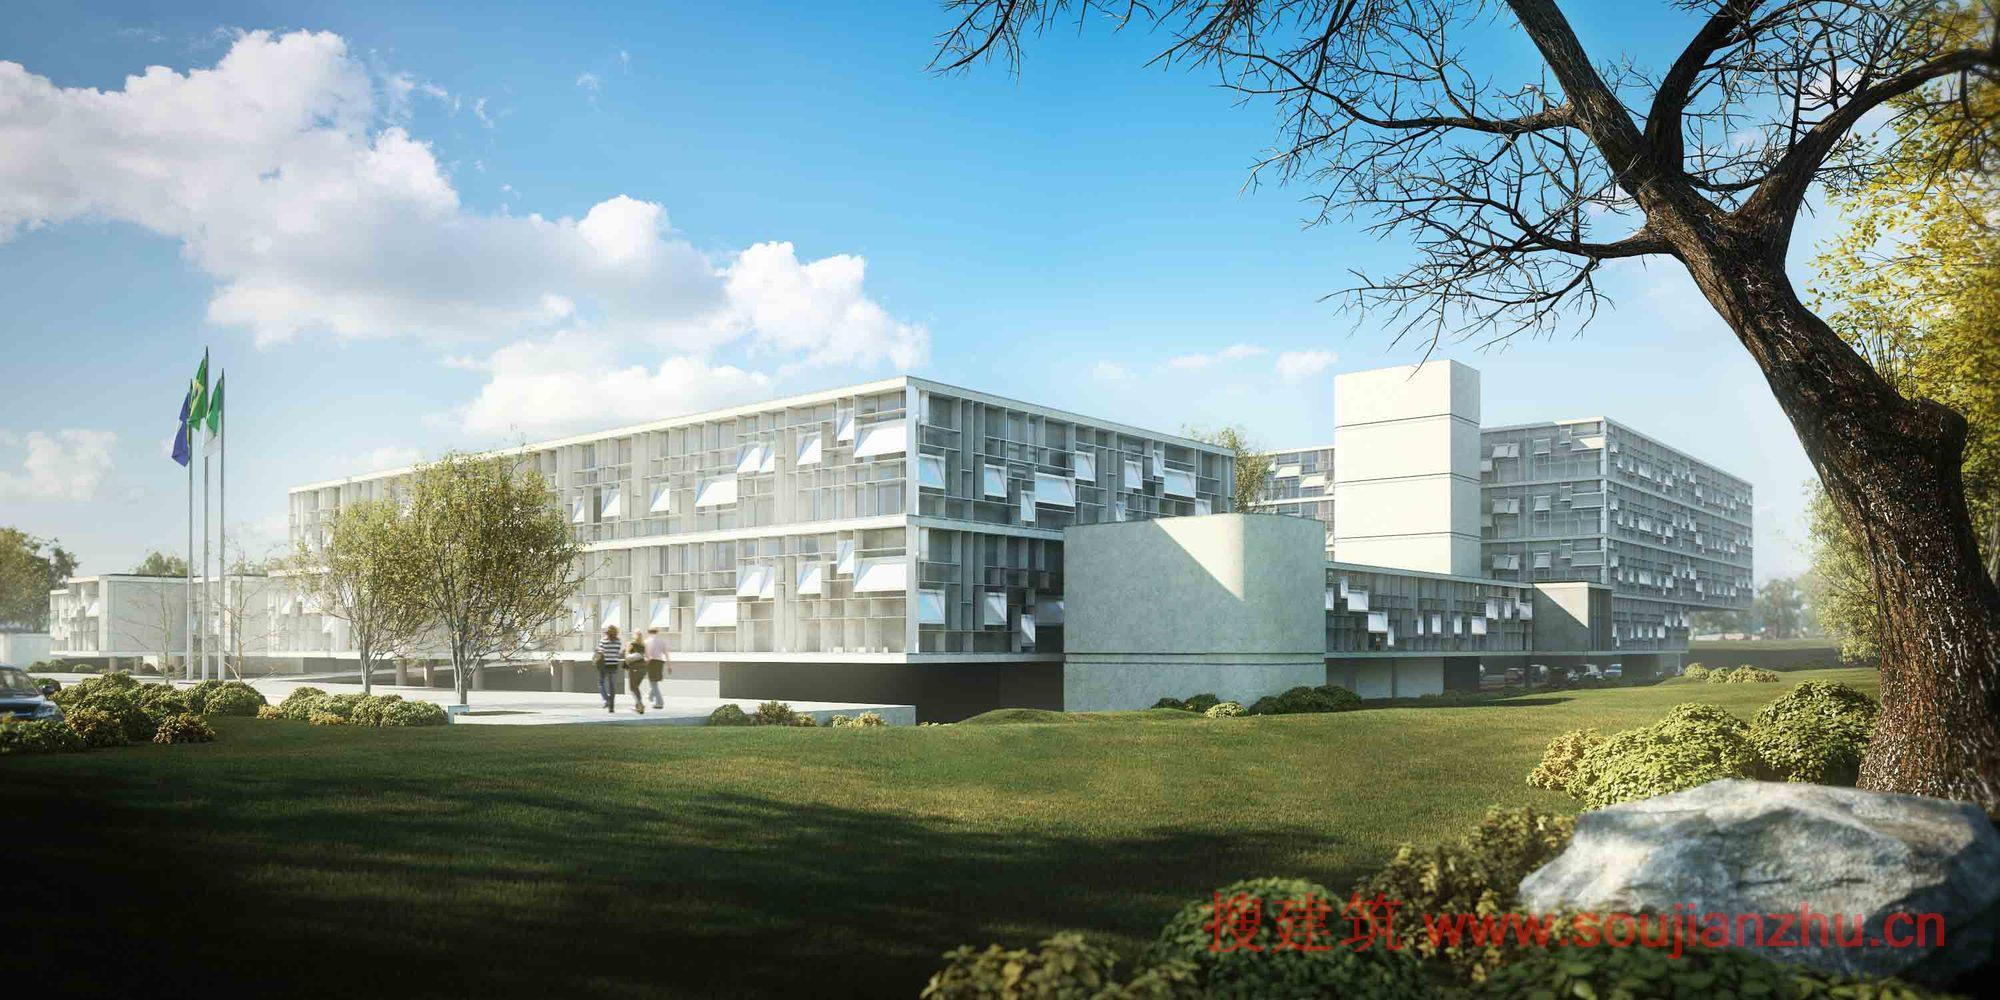 巴西·轻罪指控法院大楼方案设计---aba